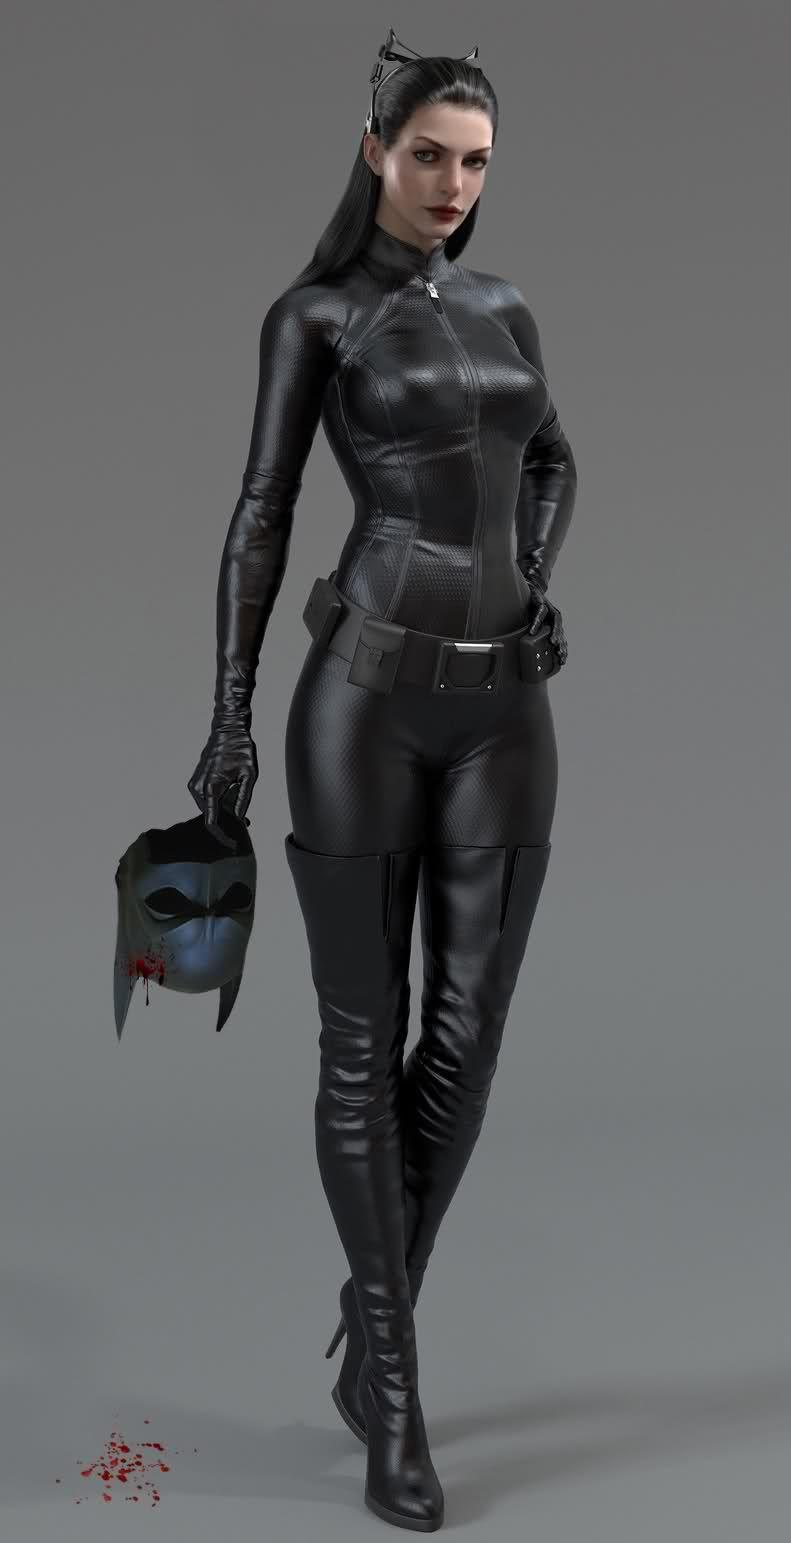 Black Cat Suit Halloween